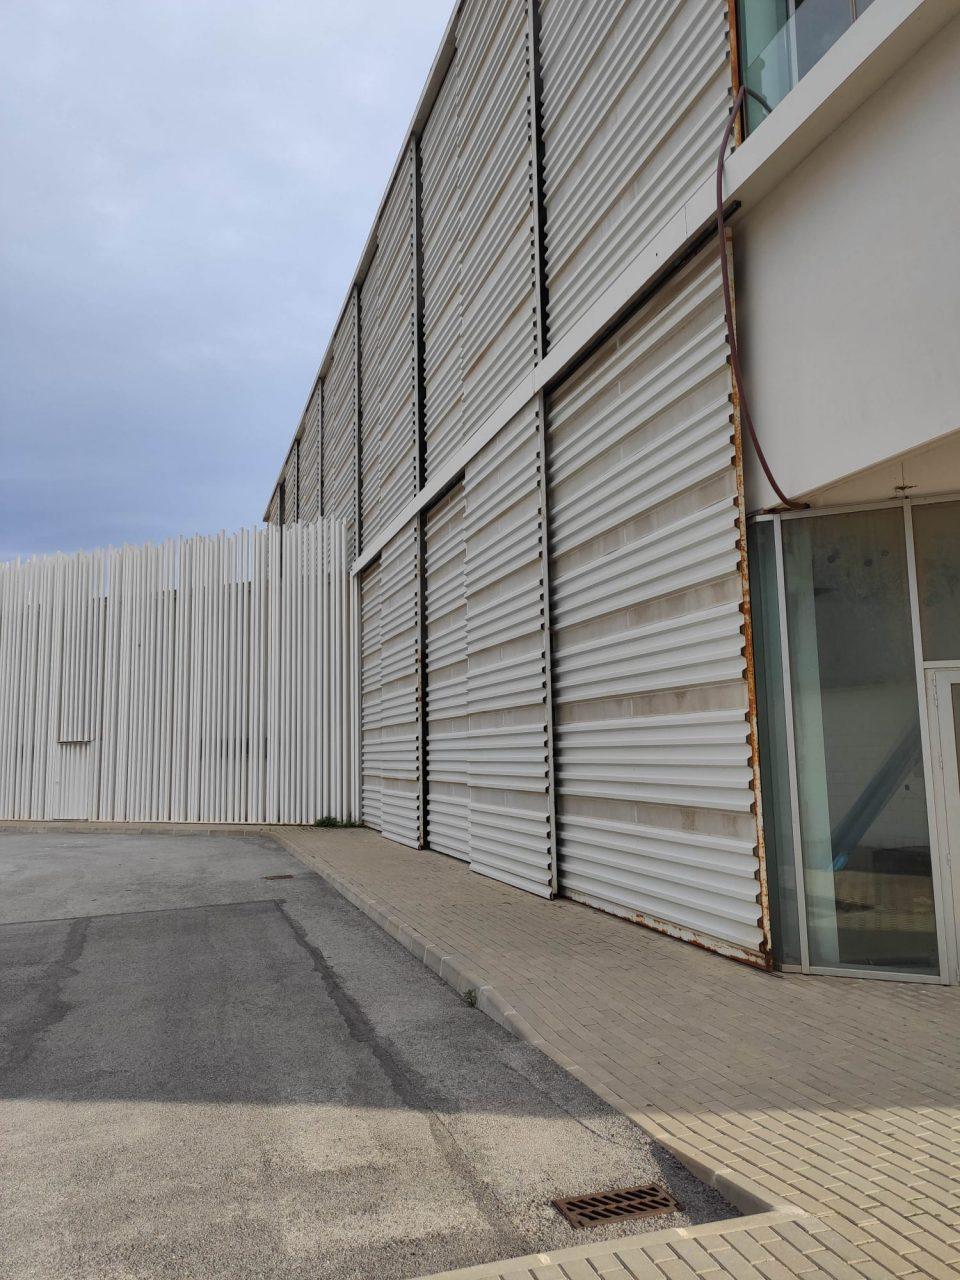 Sueña Torrevieja insta al gobierno a finalizar las obras del 'Pabellón Blanco' tras diez años 6